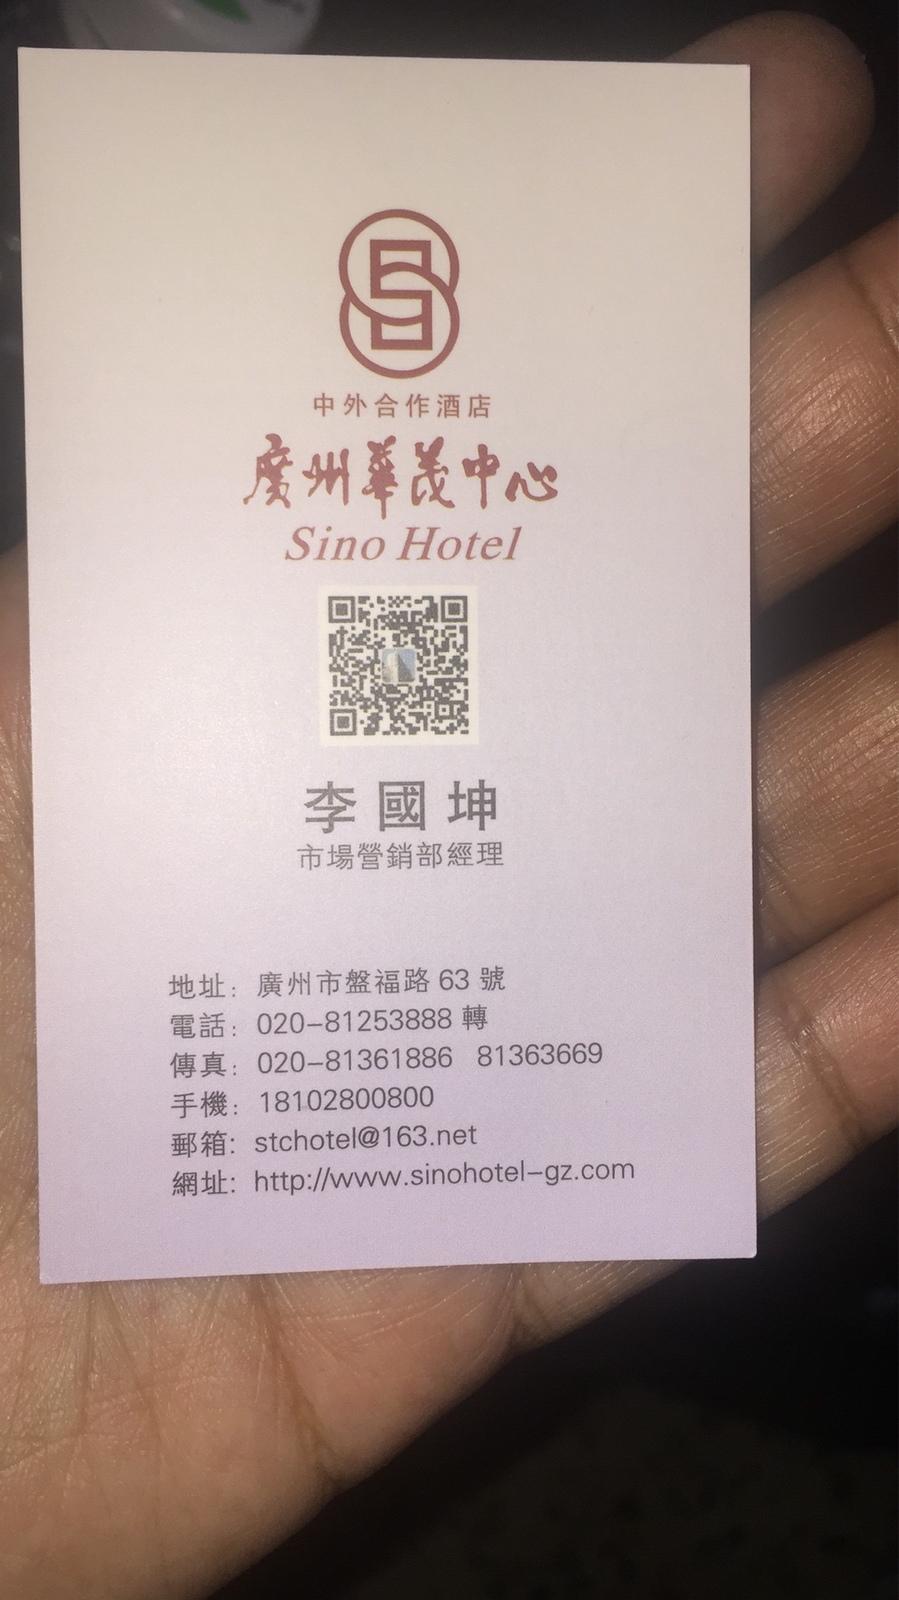 اجمل مدن العالم الصين 474143 المسافرون العرب